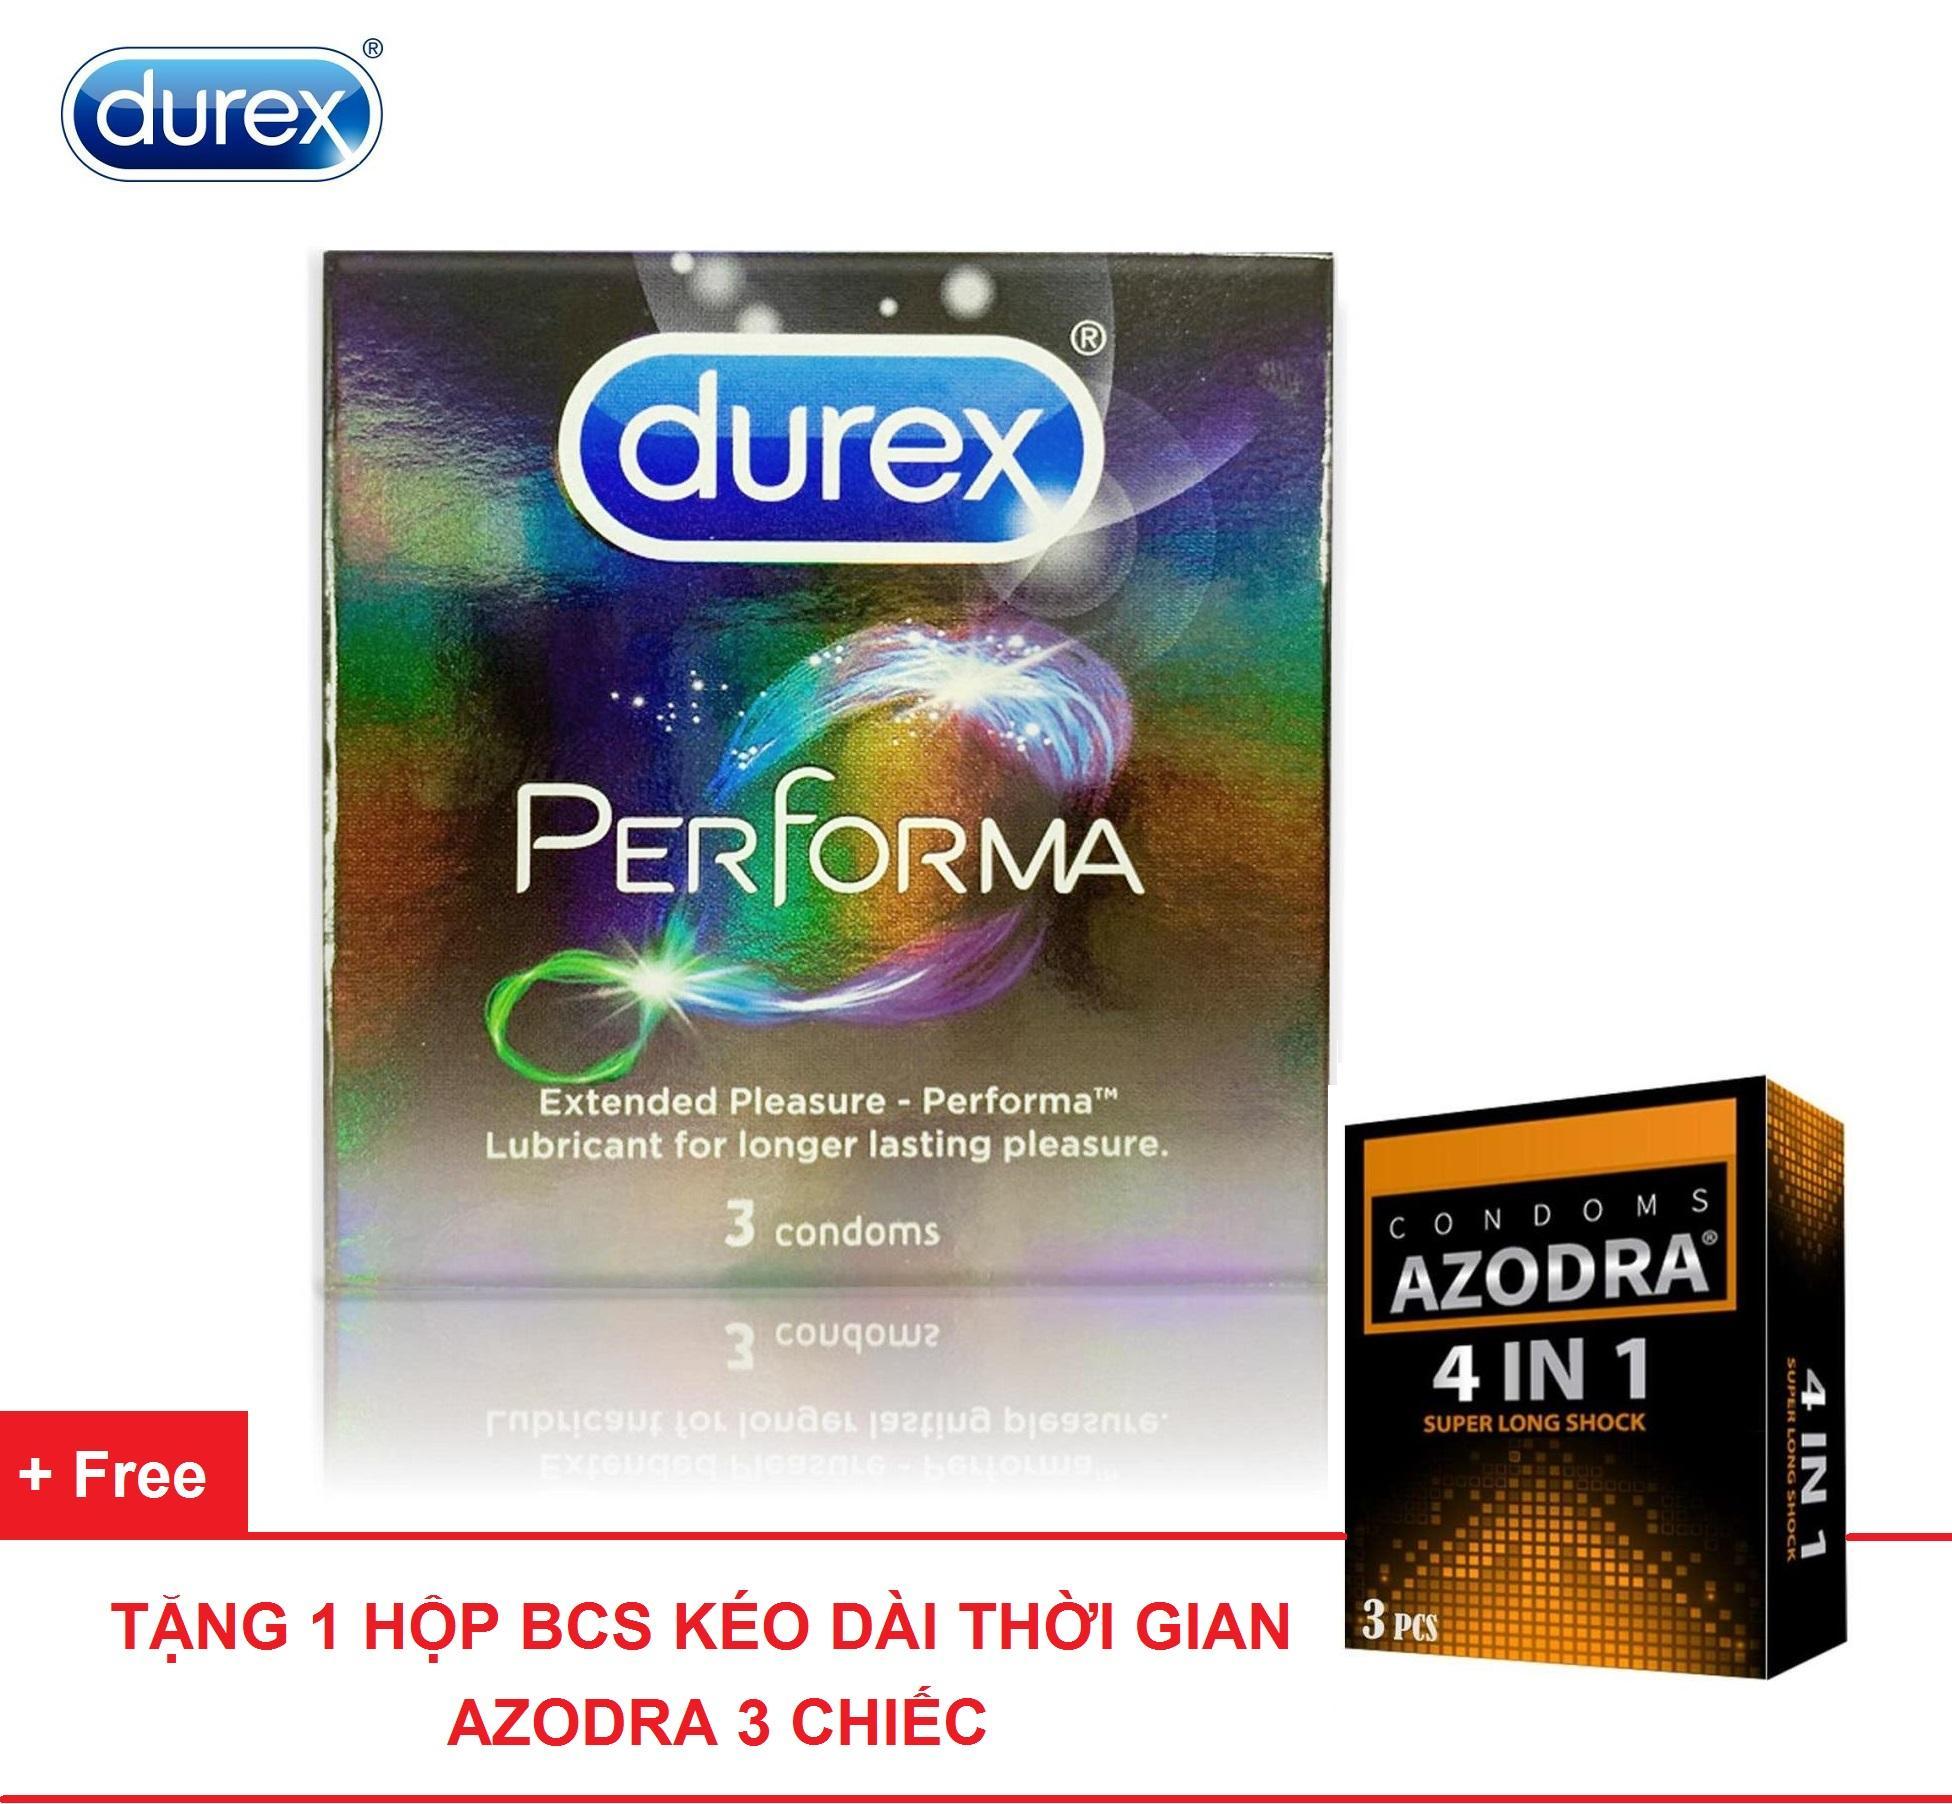 Combo 1 hộp Bao cao su kéo dài thời gian Durex Performa 3 chiếc tặng 1 hộp bcs AZODRA 3 chiếc